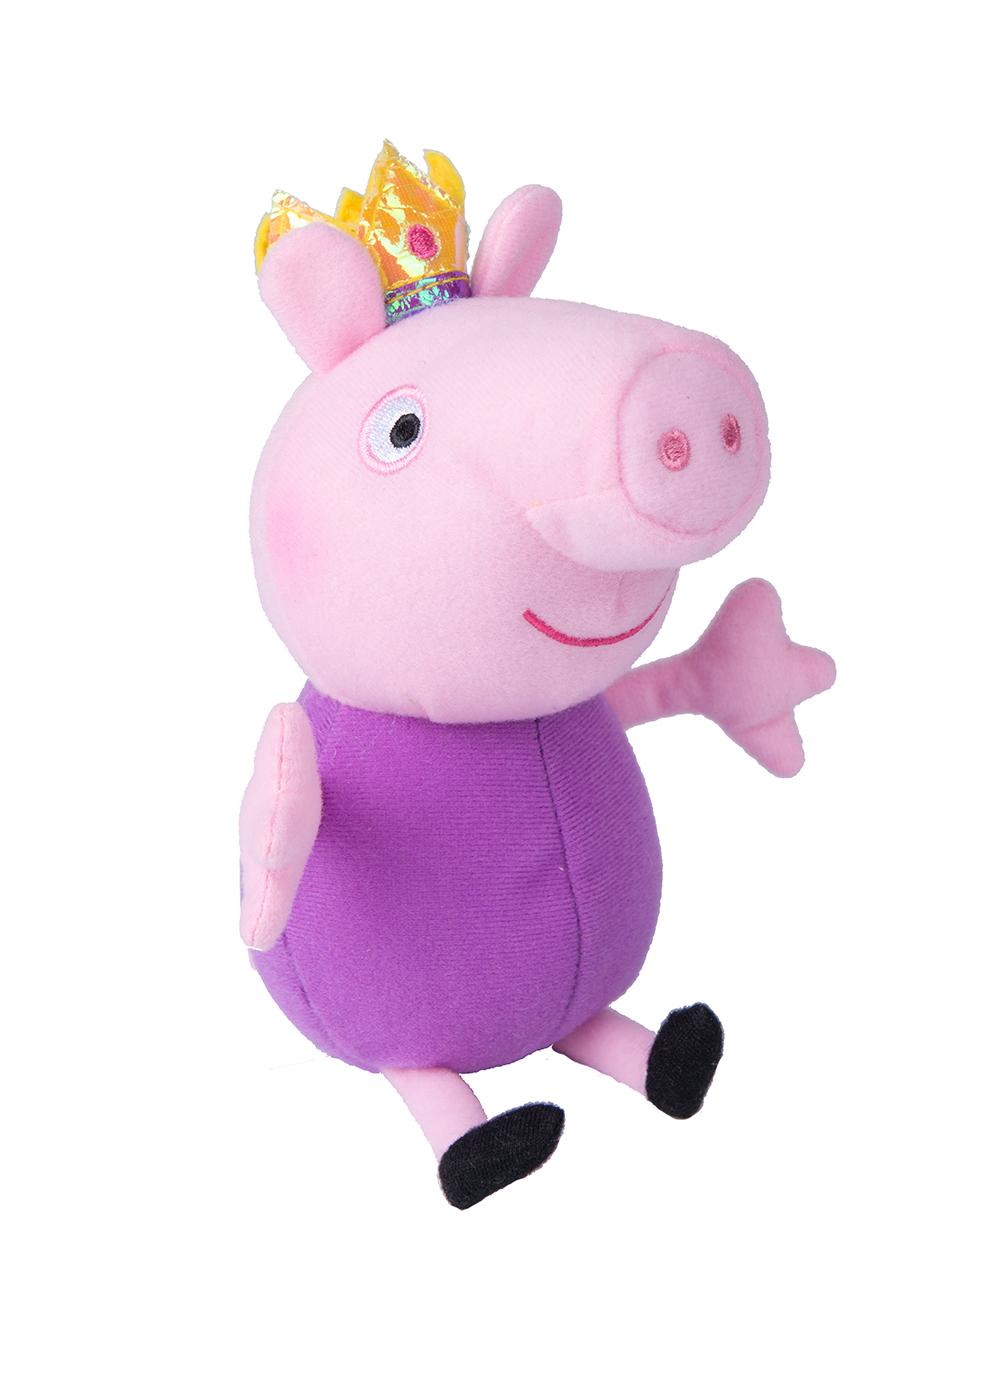 Peppa Pig Мягкая игрушка Джордж-принц 20 см31150Чудесная мягкая игрушка Джордж-принц станет вашему малышу отличным другом. С любимым героем мультфильма необыкновенно весело играть, его легко можно брать с собой в садик или в гости. Сны в обнимку с забавным плюшевым другом станут гораздо слаще и красочней. Если приобрести других персонажей из серии Peppa Pig, то ваш малыш оживит приключения своих любимых героев прямо у вас дома. Мягкая игрушка Джордж-принц ТМ Свинка Пеппа высотой 20 см (размер указан с ножками) качественно сшита из мягкого, приятного на ощупь плюша, плотно набита. Глазки, носик и ротик вышиты. Корона выполнена из фетра и блестящего материала.